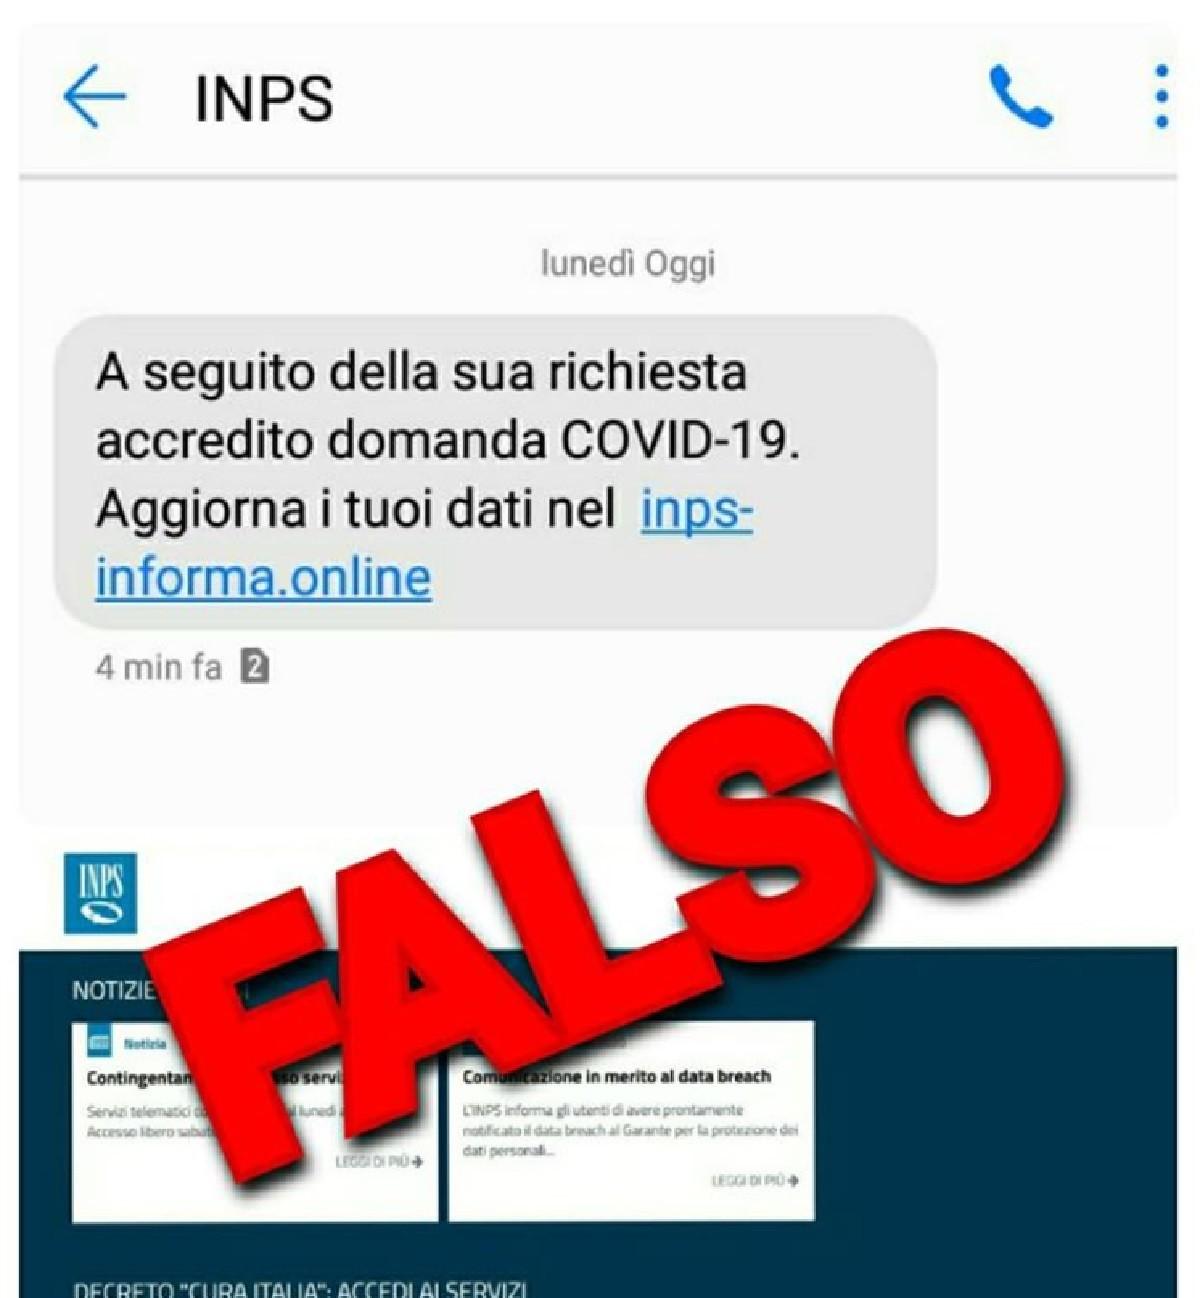 Inps segnala la truffa del falso sms per il bonus da 600 eur